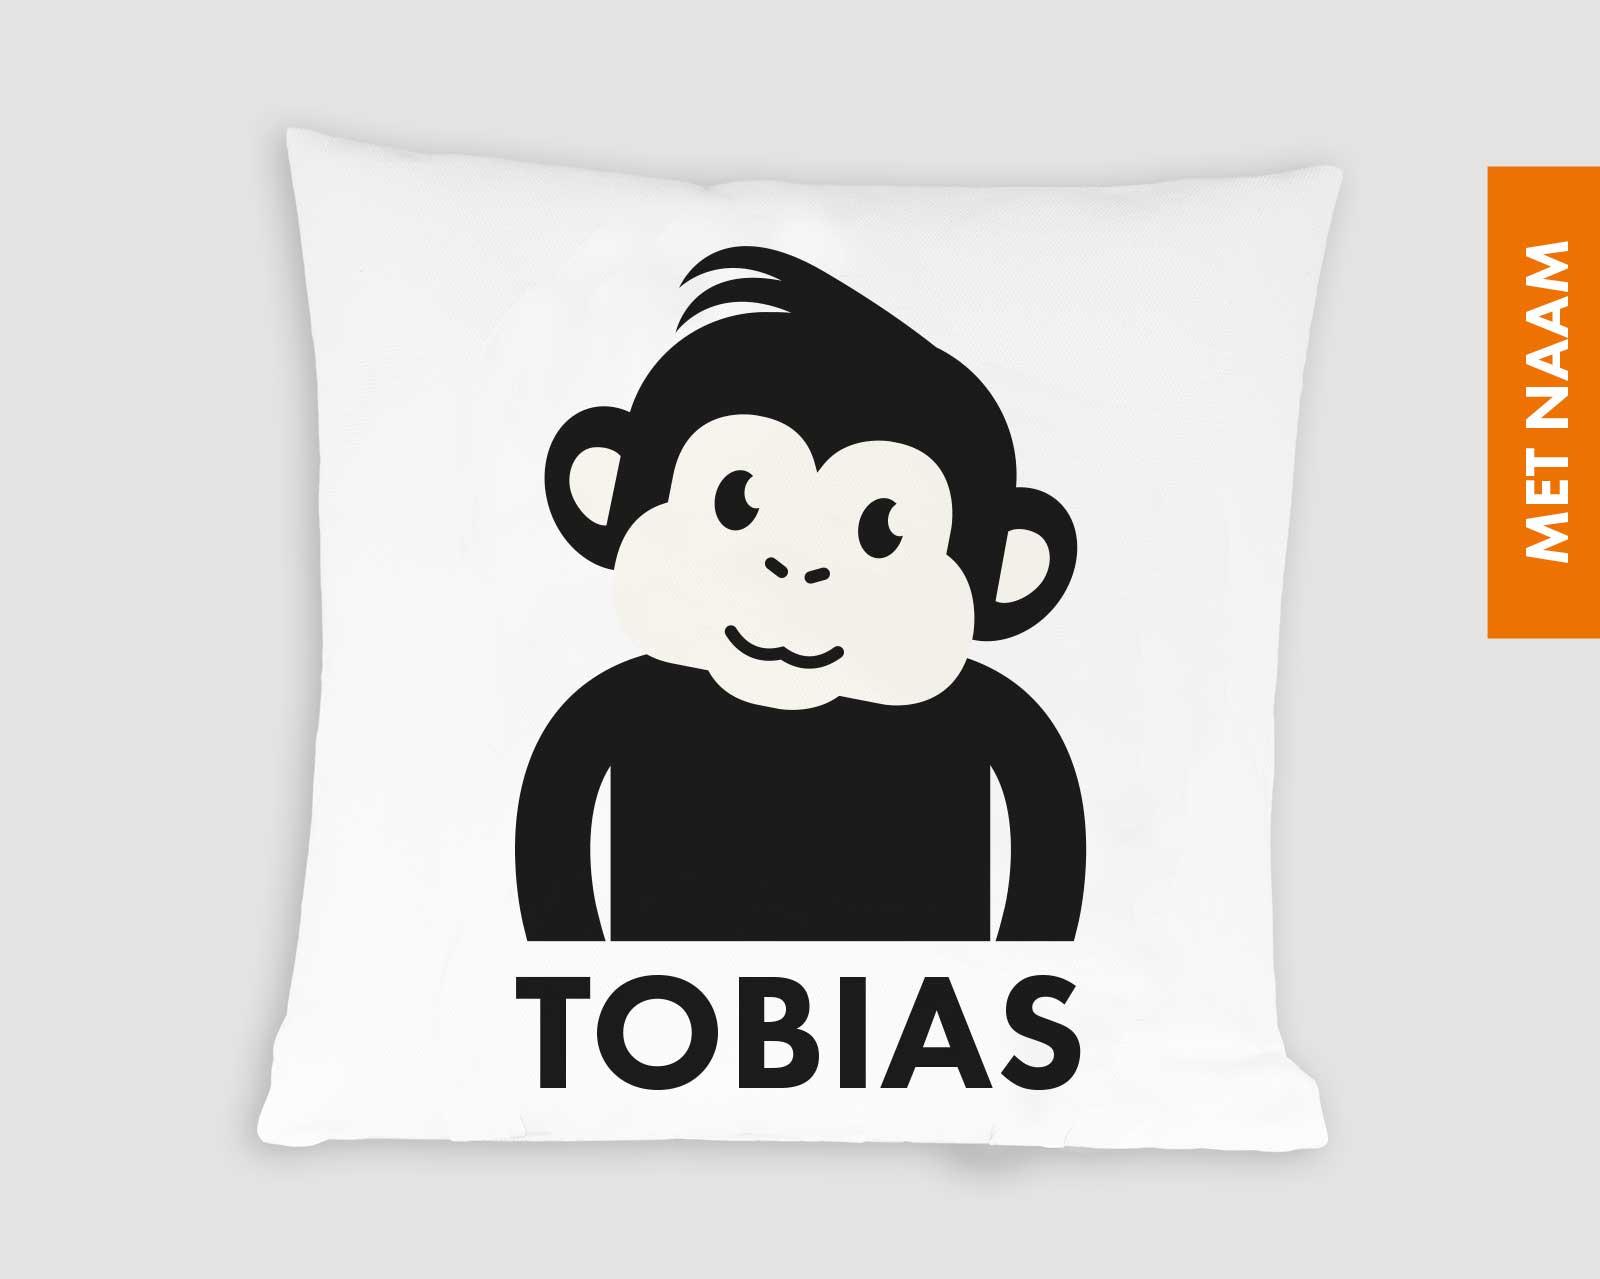 Kussenhoes gepersonaliseerd kraamcadeau met naam kinderkamer zwart-wit print aapje Pie Mono zwart wit print jungle decoratie